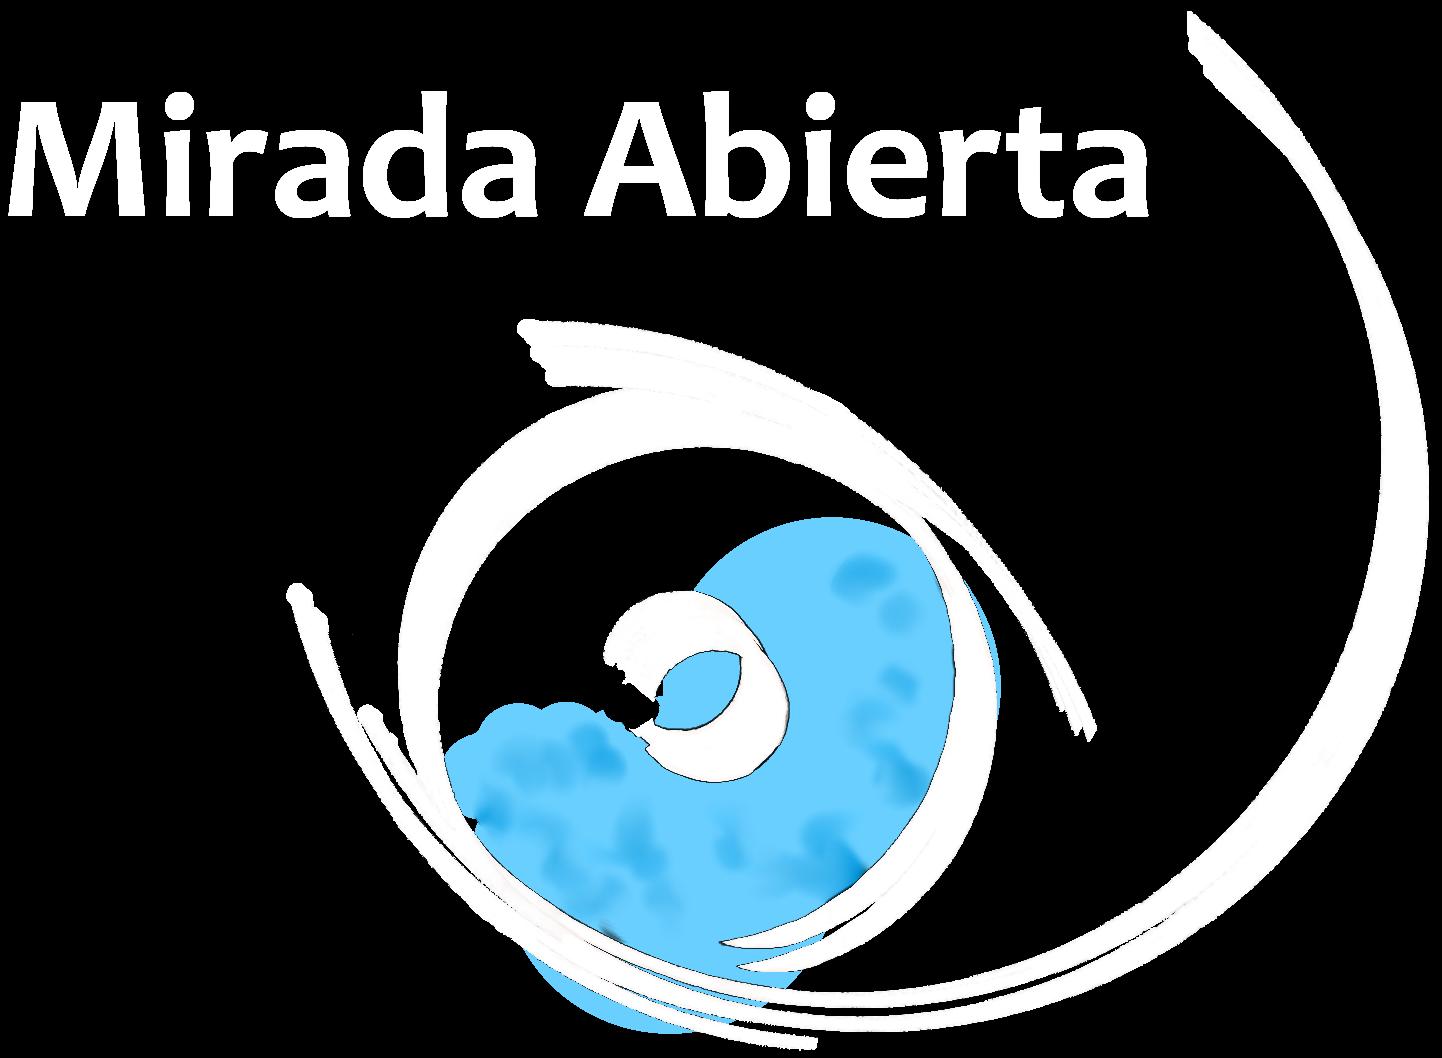 Mirada Abierta Ícono Blanco